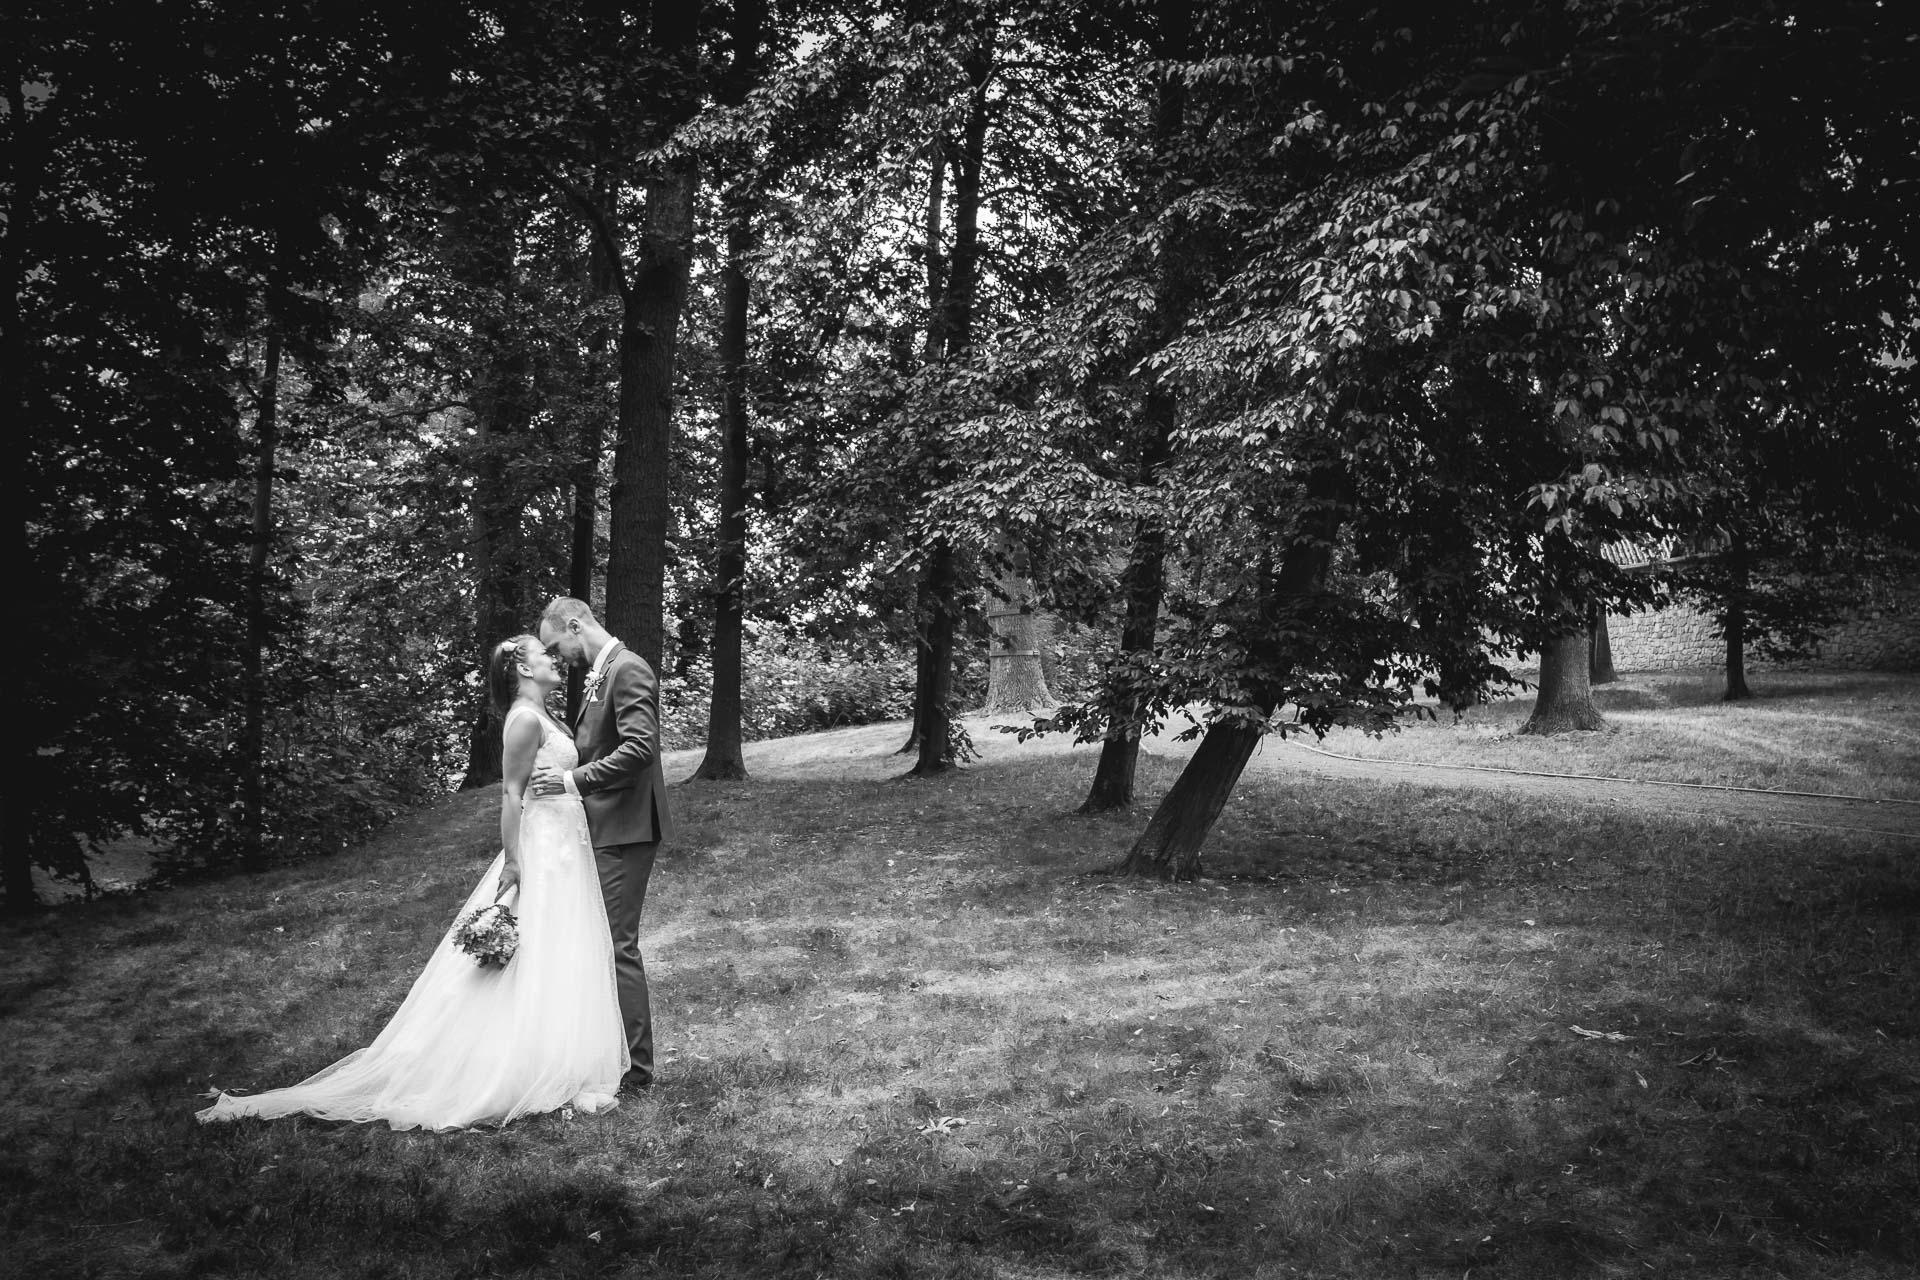 svatební-fotograf-dolní-počernice-svatební-fotograf-Zámecký-park-Dolní-Počernice-108